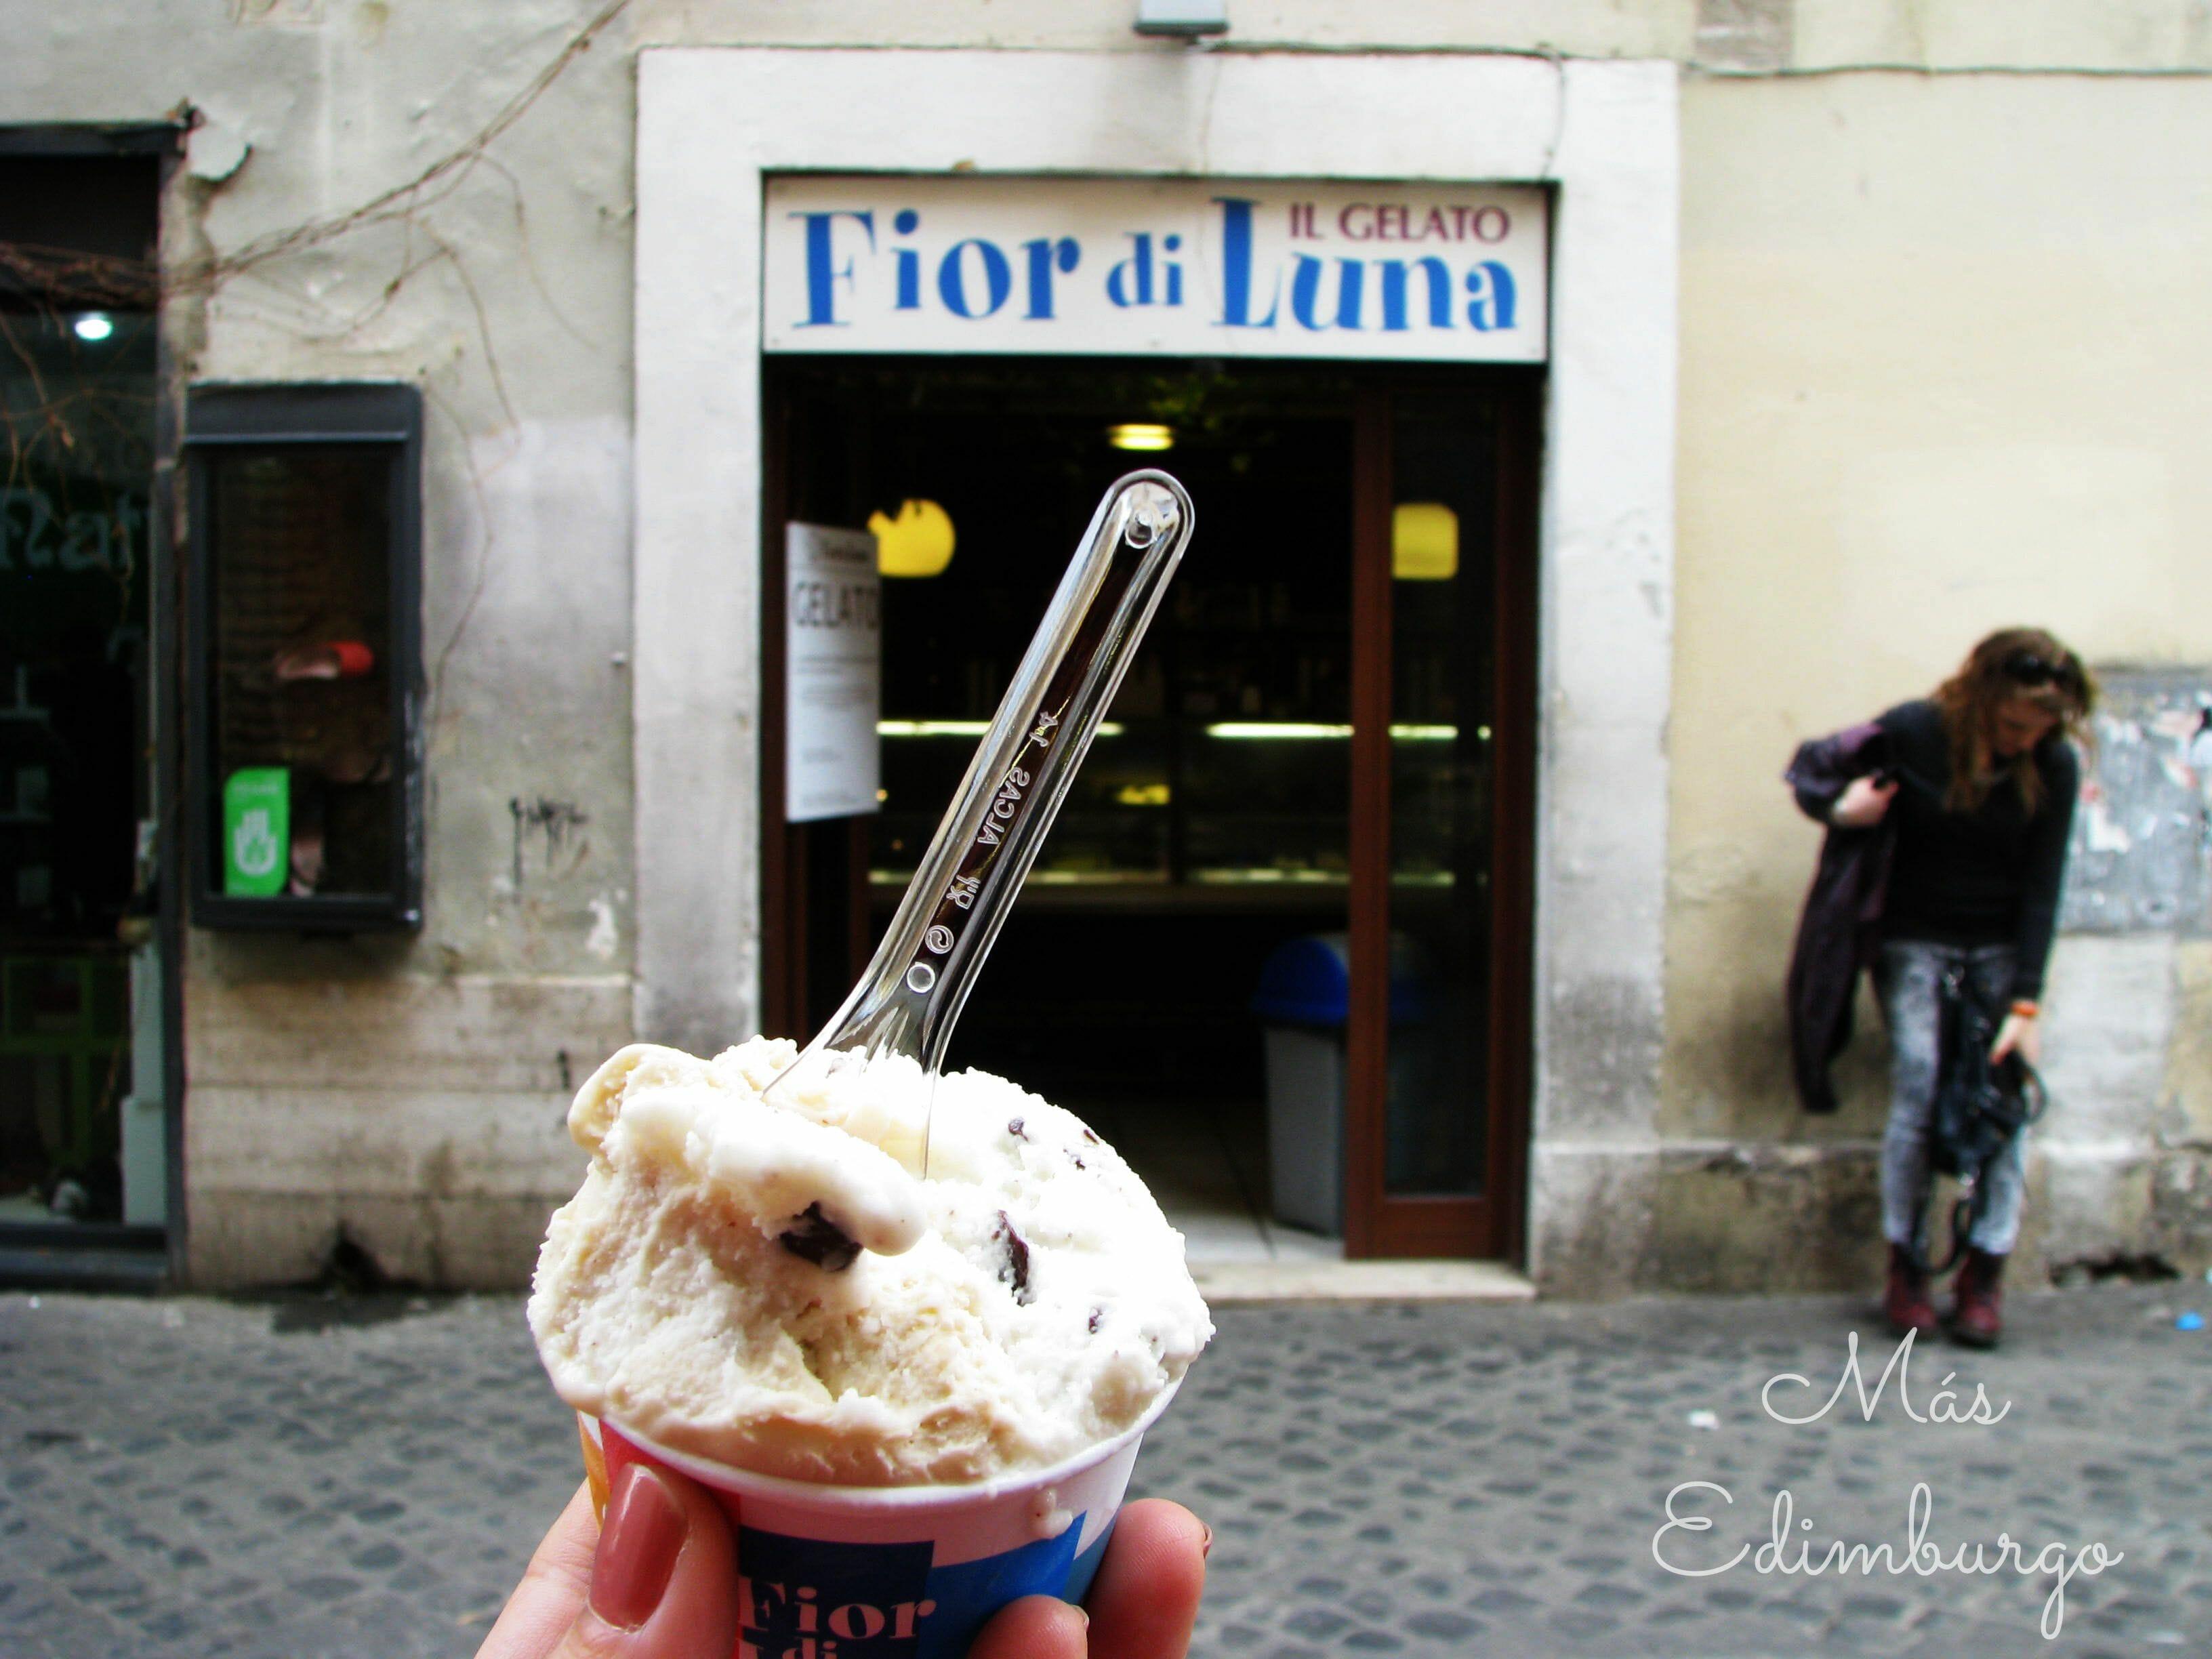 Trastevere, el barrio mas bonito de Roma Mas Edimburgo (21)